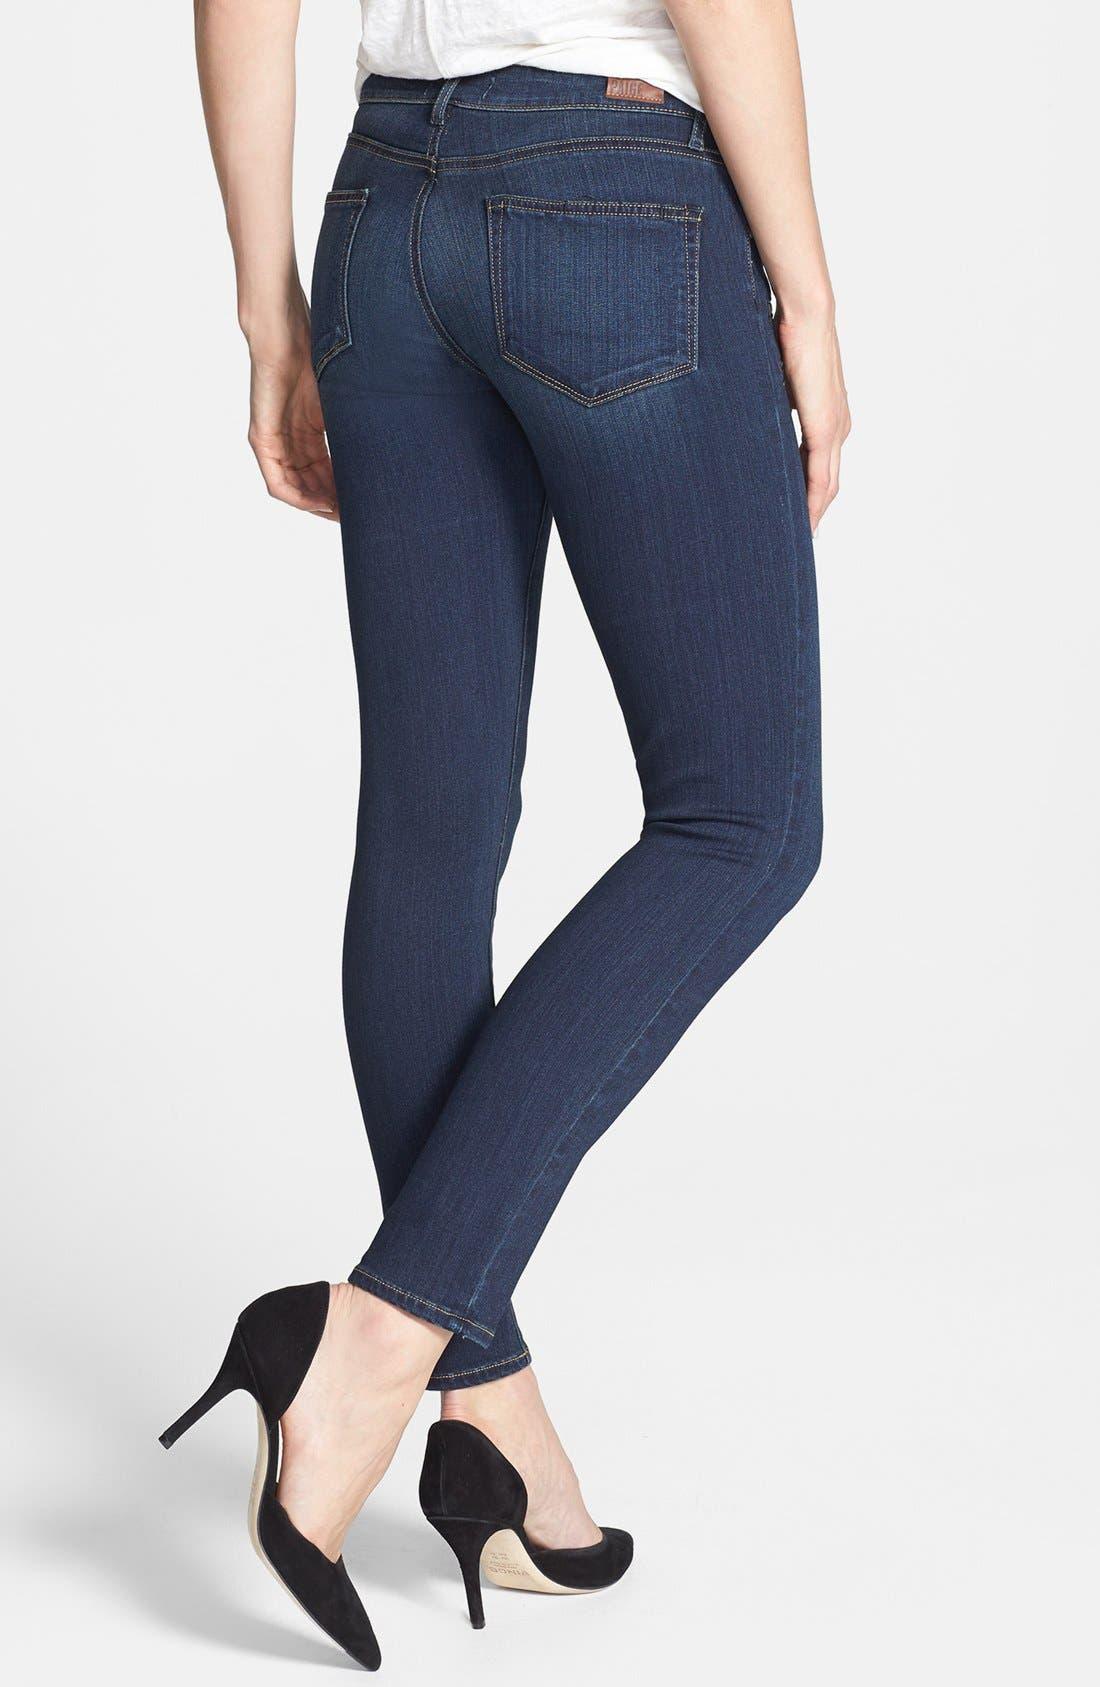 Transcend - Edgemont Zip Detail Ultra Skinny Jeans,                             Alternate thumbnail 2, color,                             400